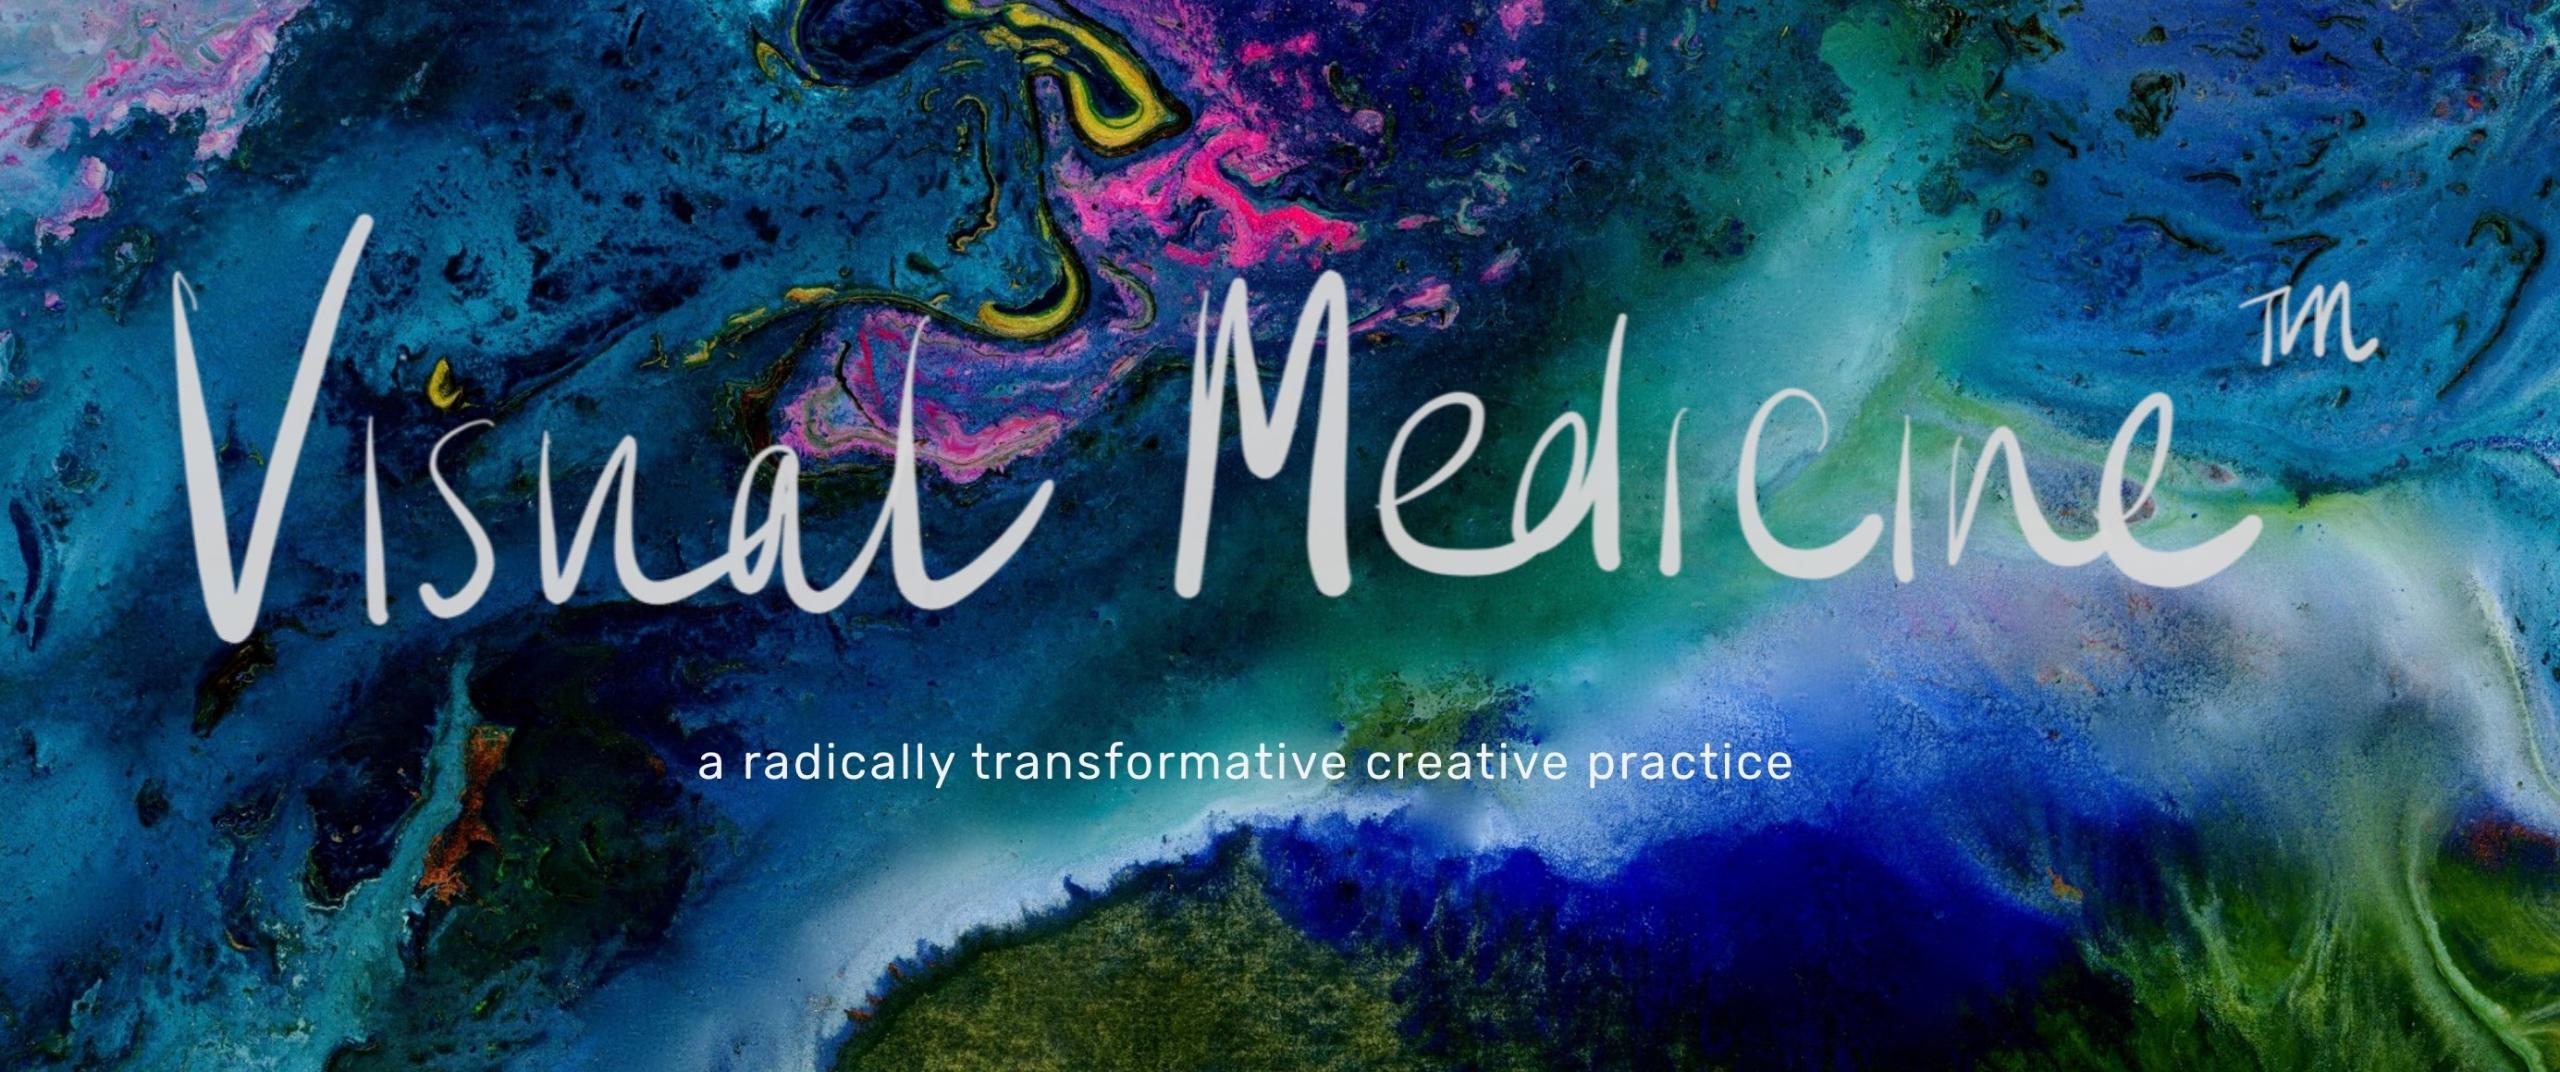 Visual Medicine by Suzette Clough (@visualmedicine) Cover Image